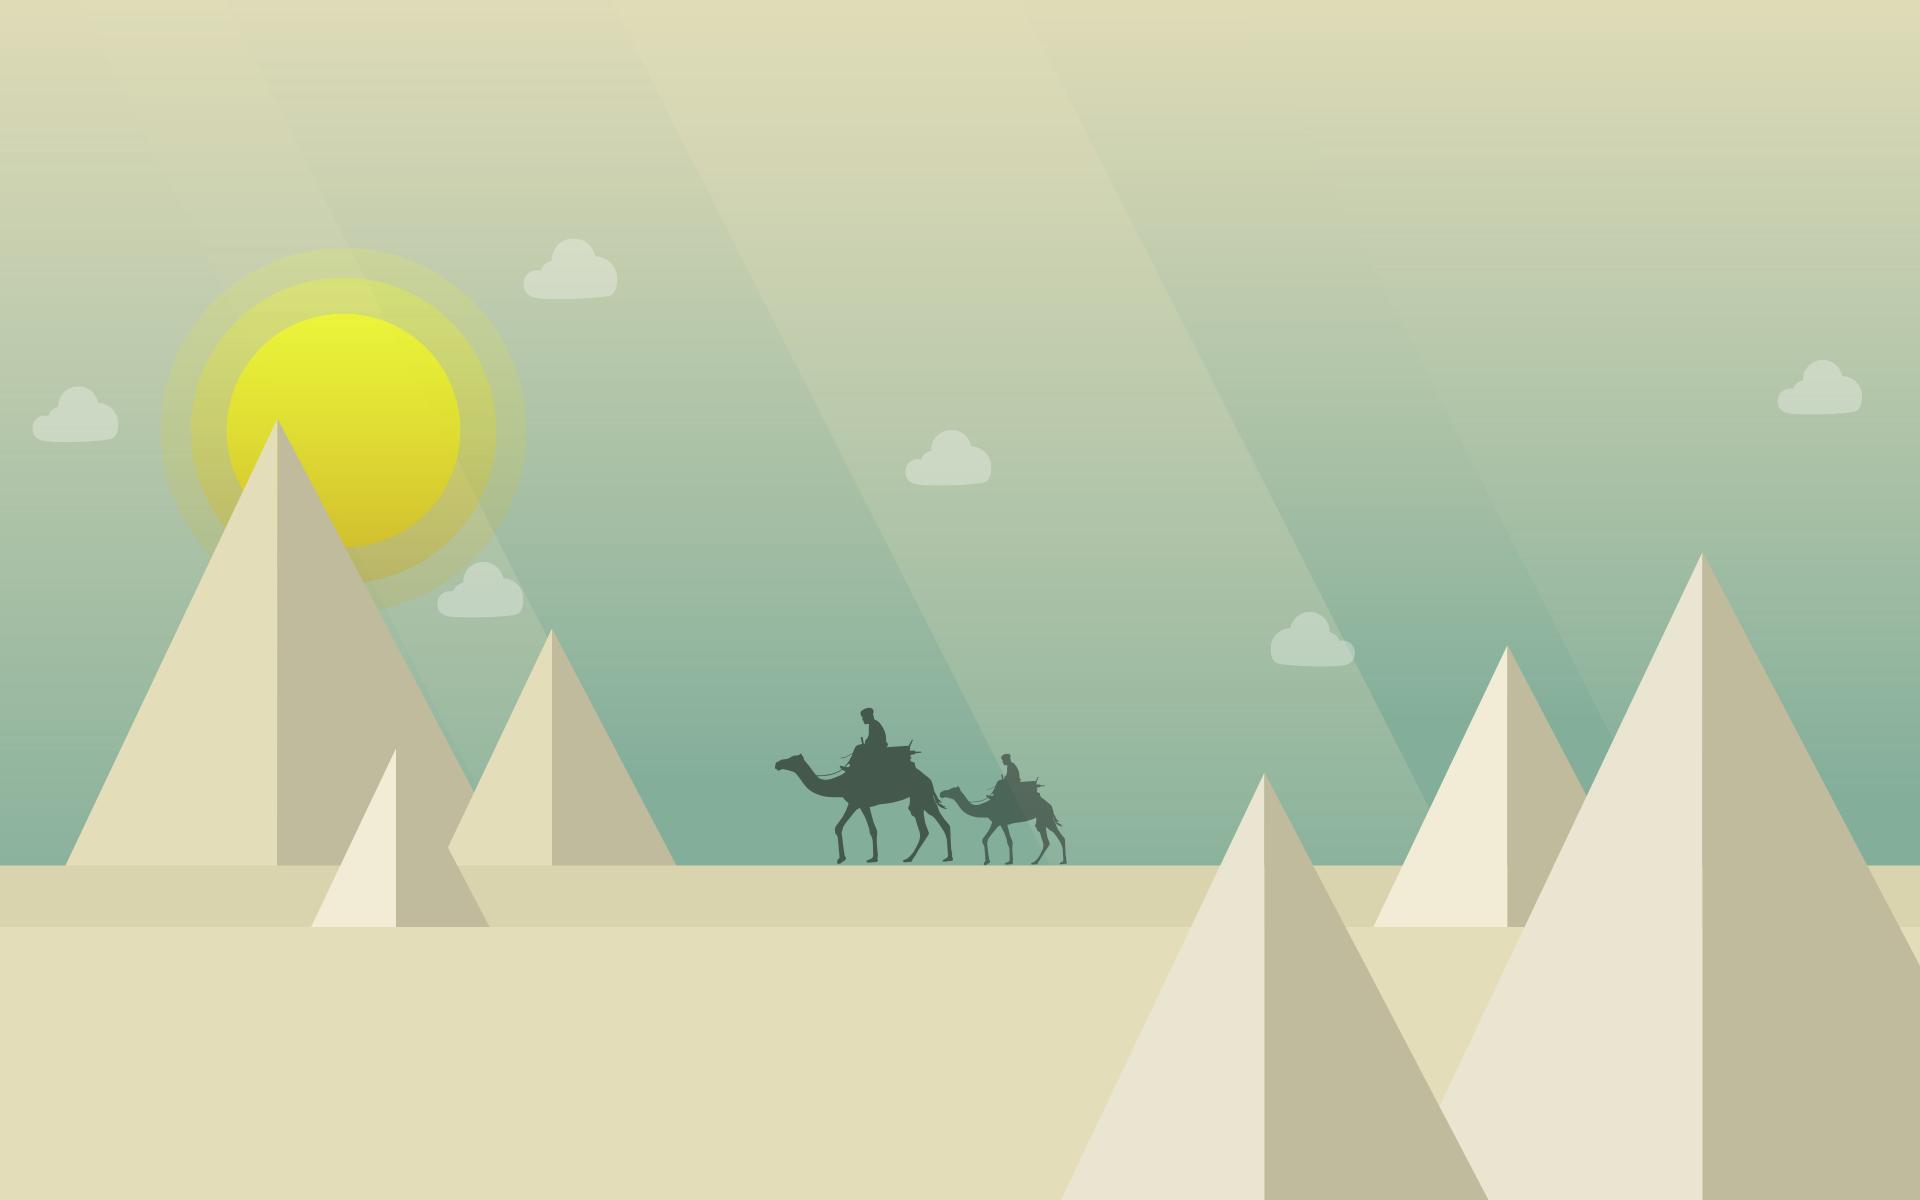 έρημο, καμήλες, πυραμίδες, Κυρ, σύννεφα - Wallpapers HD - Professor-falken.com